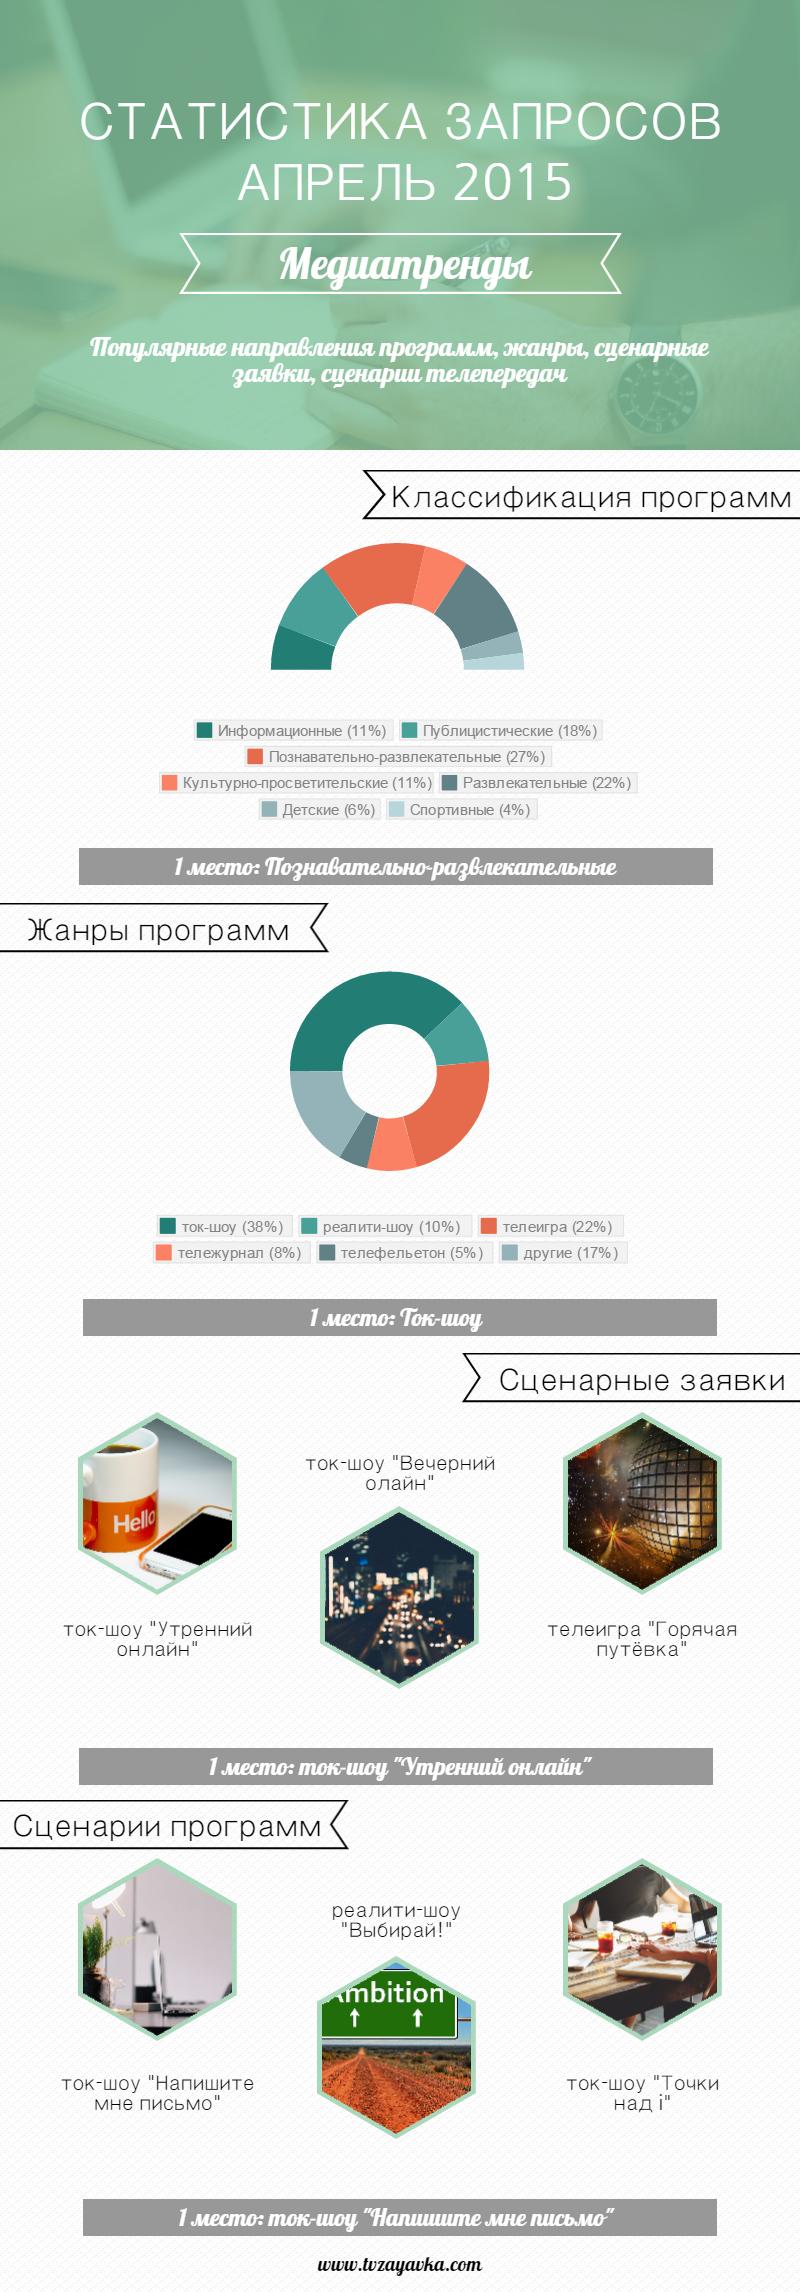 Статистика запросов: классификация телепрограмм, жанры, сценарные заявки, сценарии